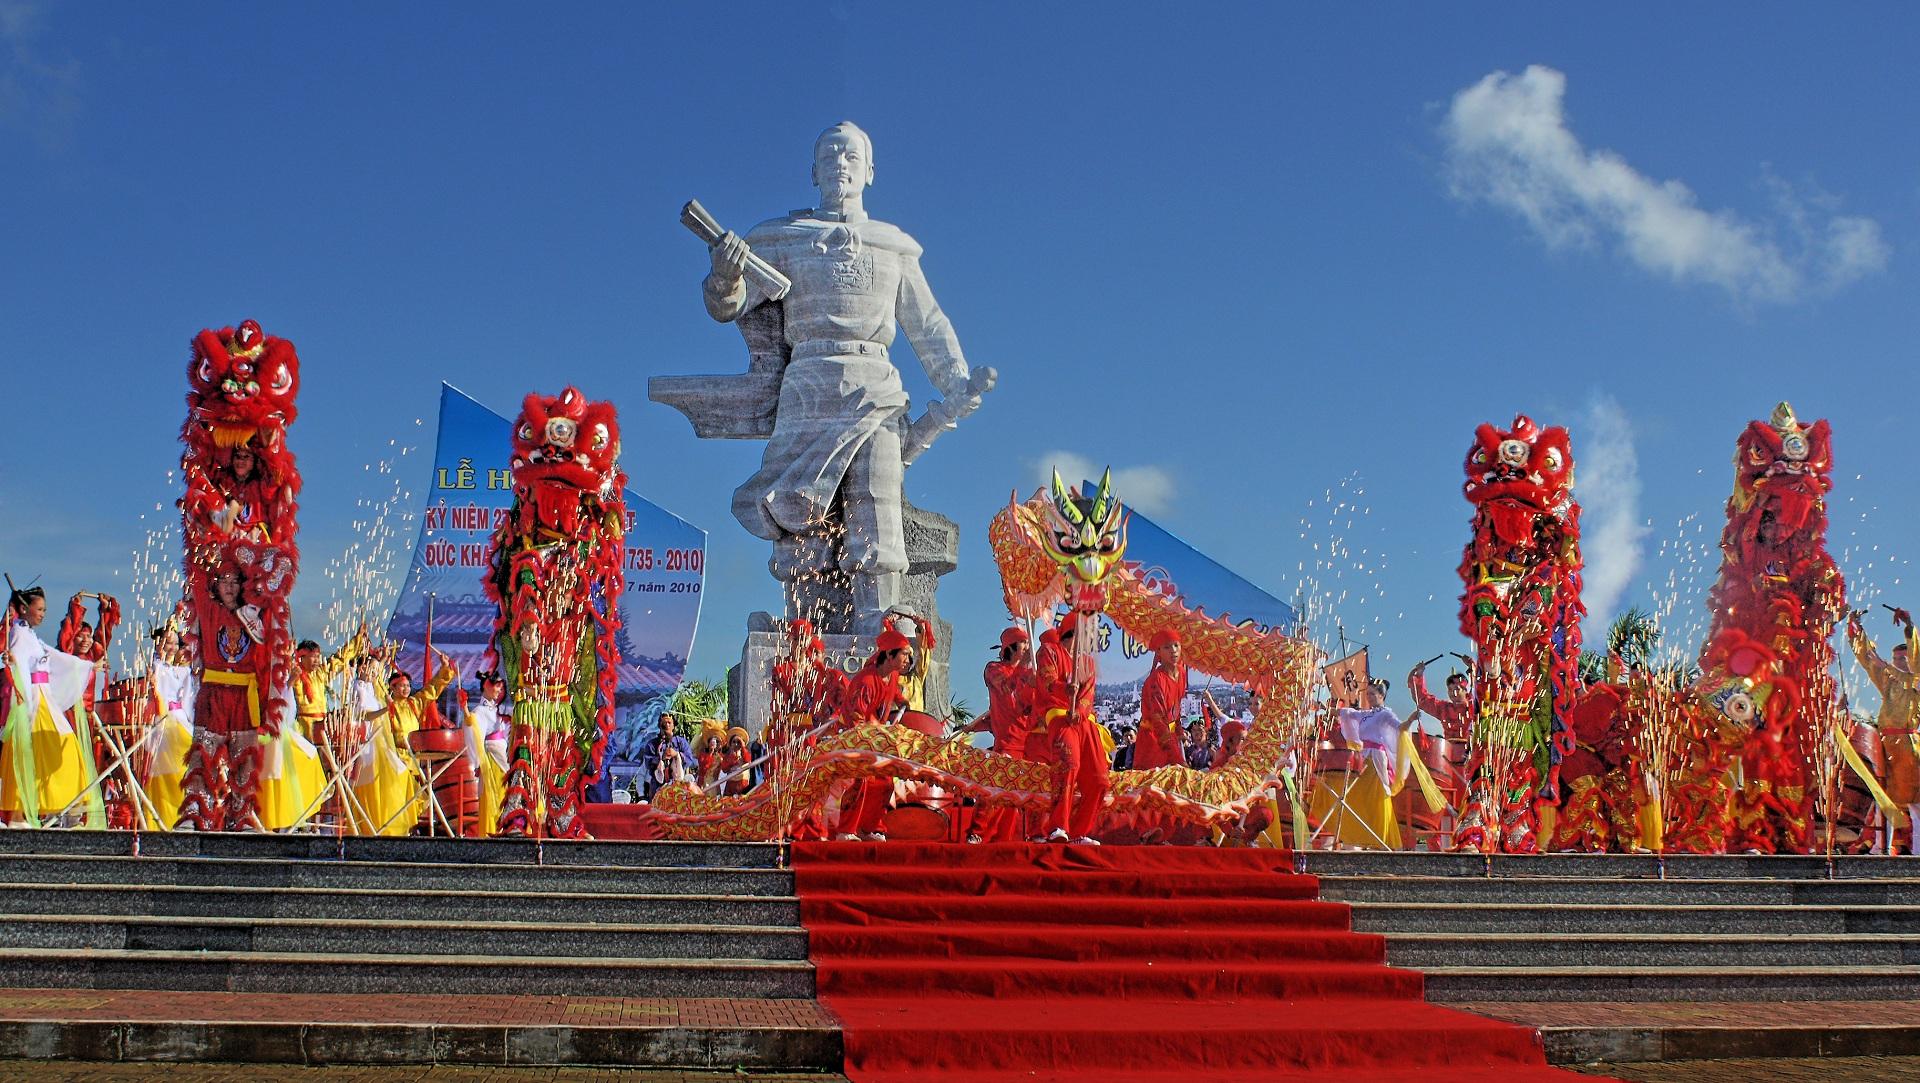 Cơn lốc dự án đổ bộ về Hà Tiên